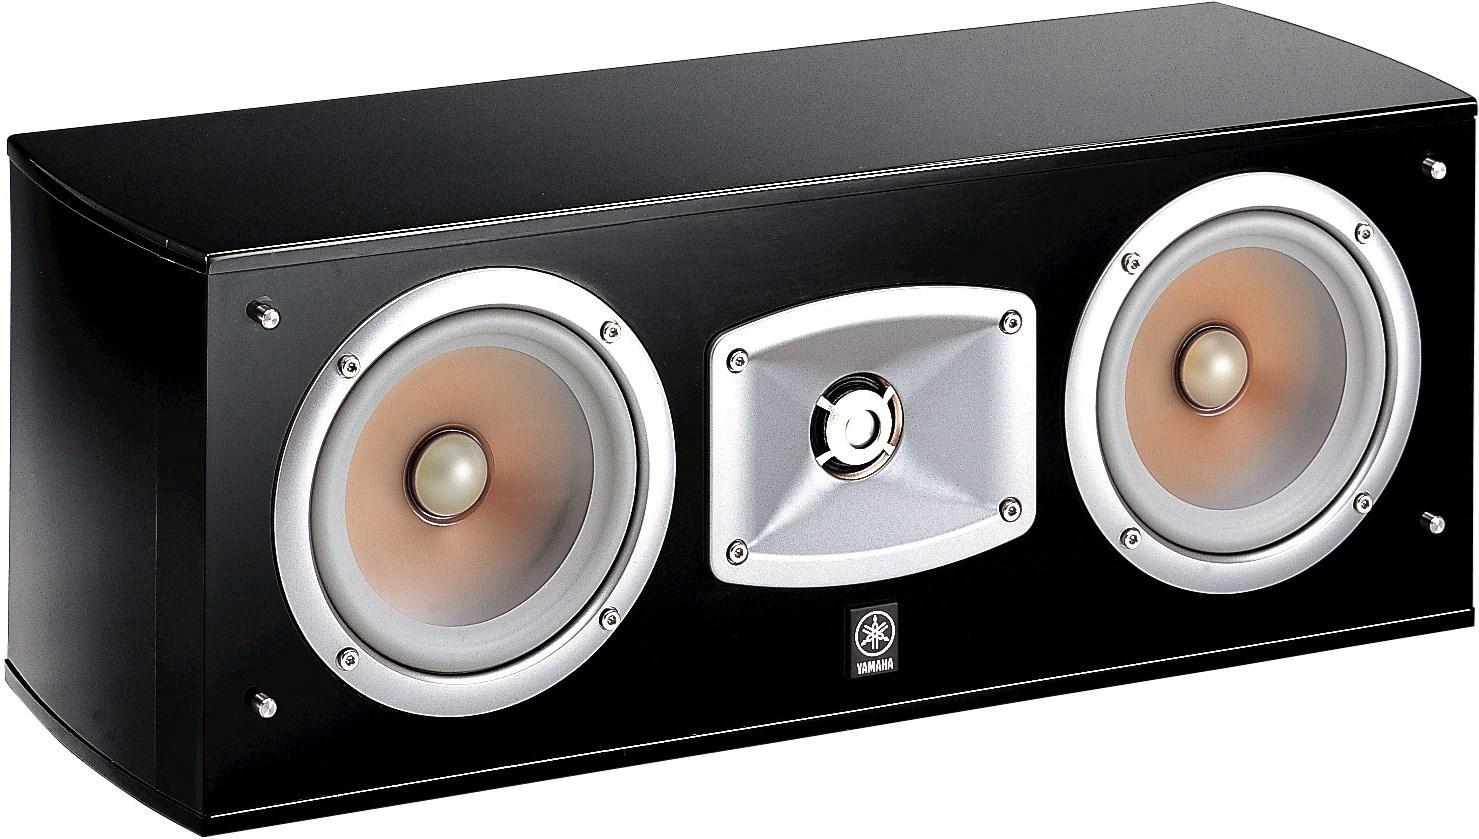 HiFi-högtalare - för bättre ljud - NetOnNet - NetOnNet 4f143ee37c623